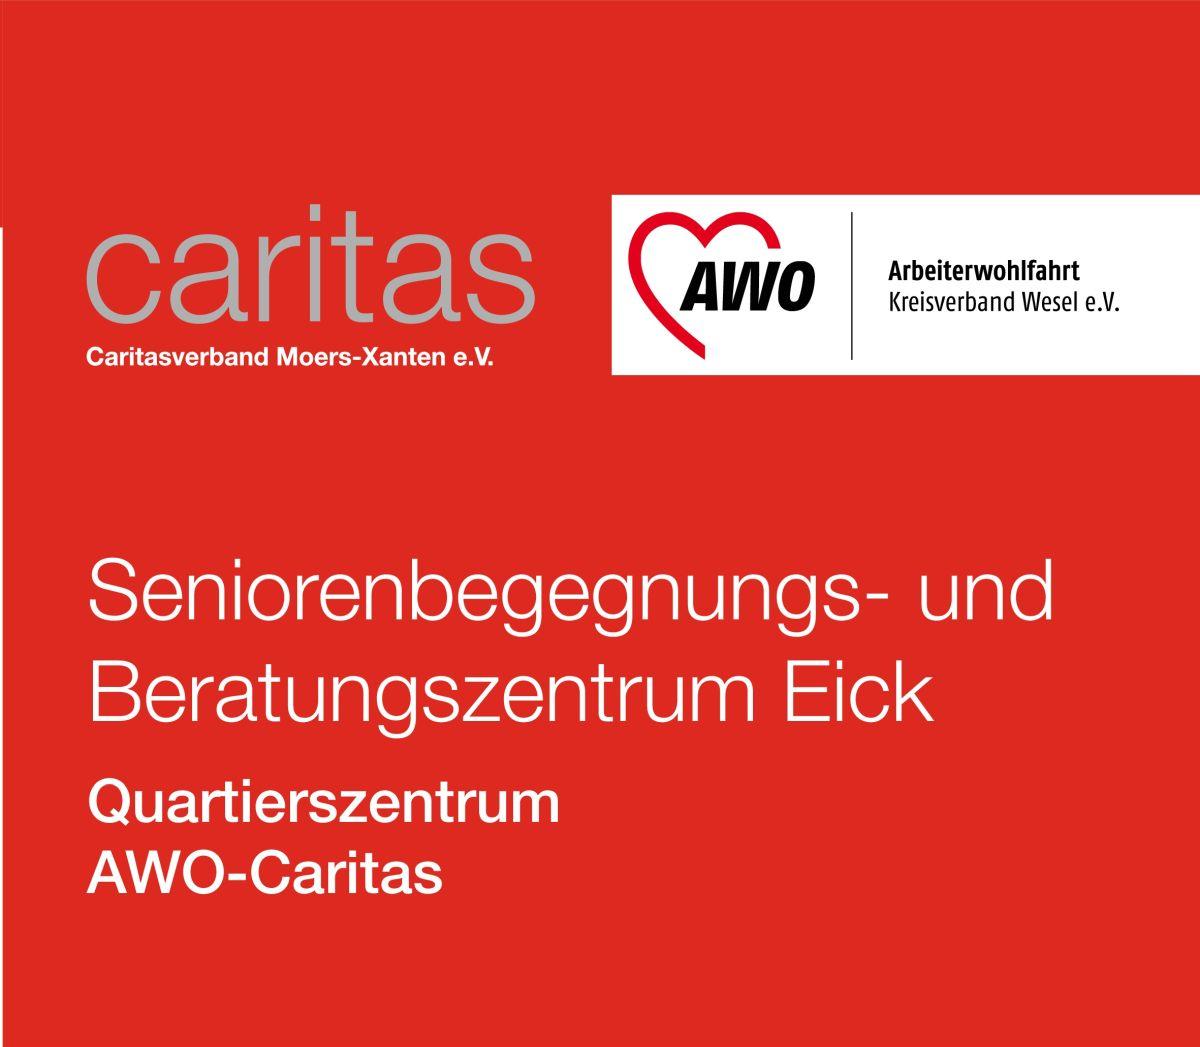 AWO-Caritas-Quartierszentrum-Eick-West-Logo